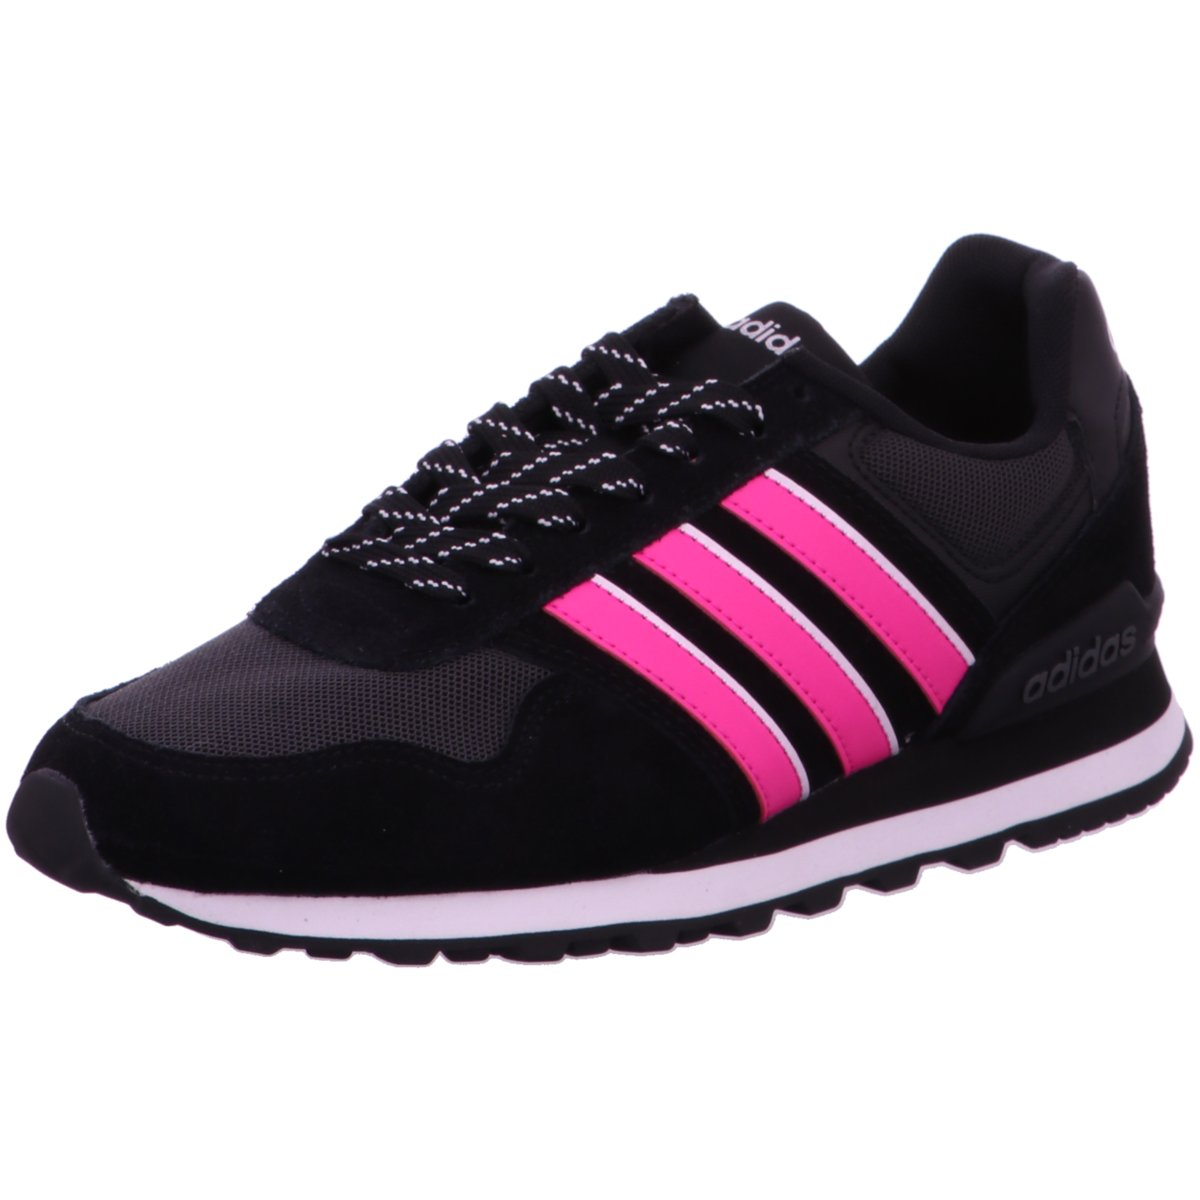 Details zu #S2K adidas Damen Sneaker 10K W B74714 10K W schwarz 313163